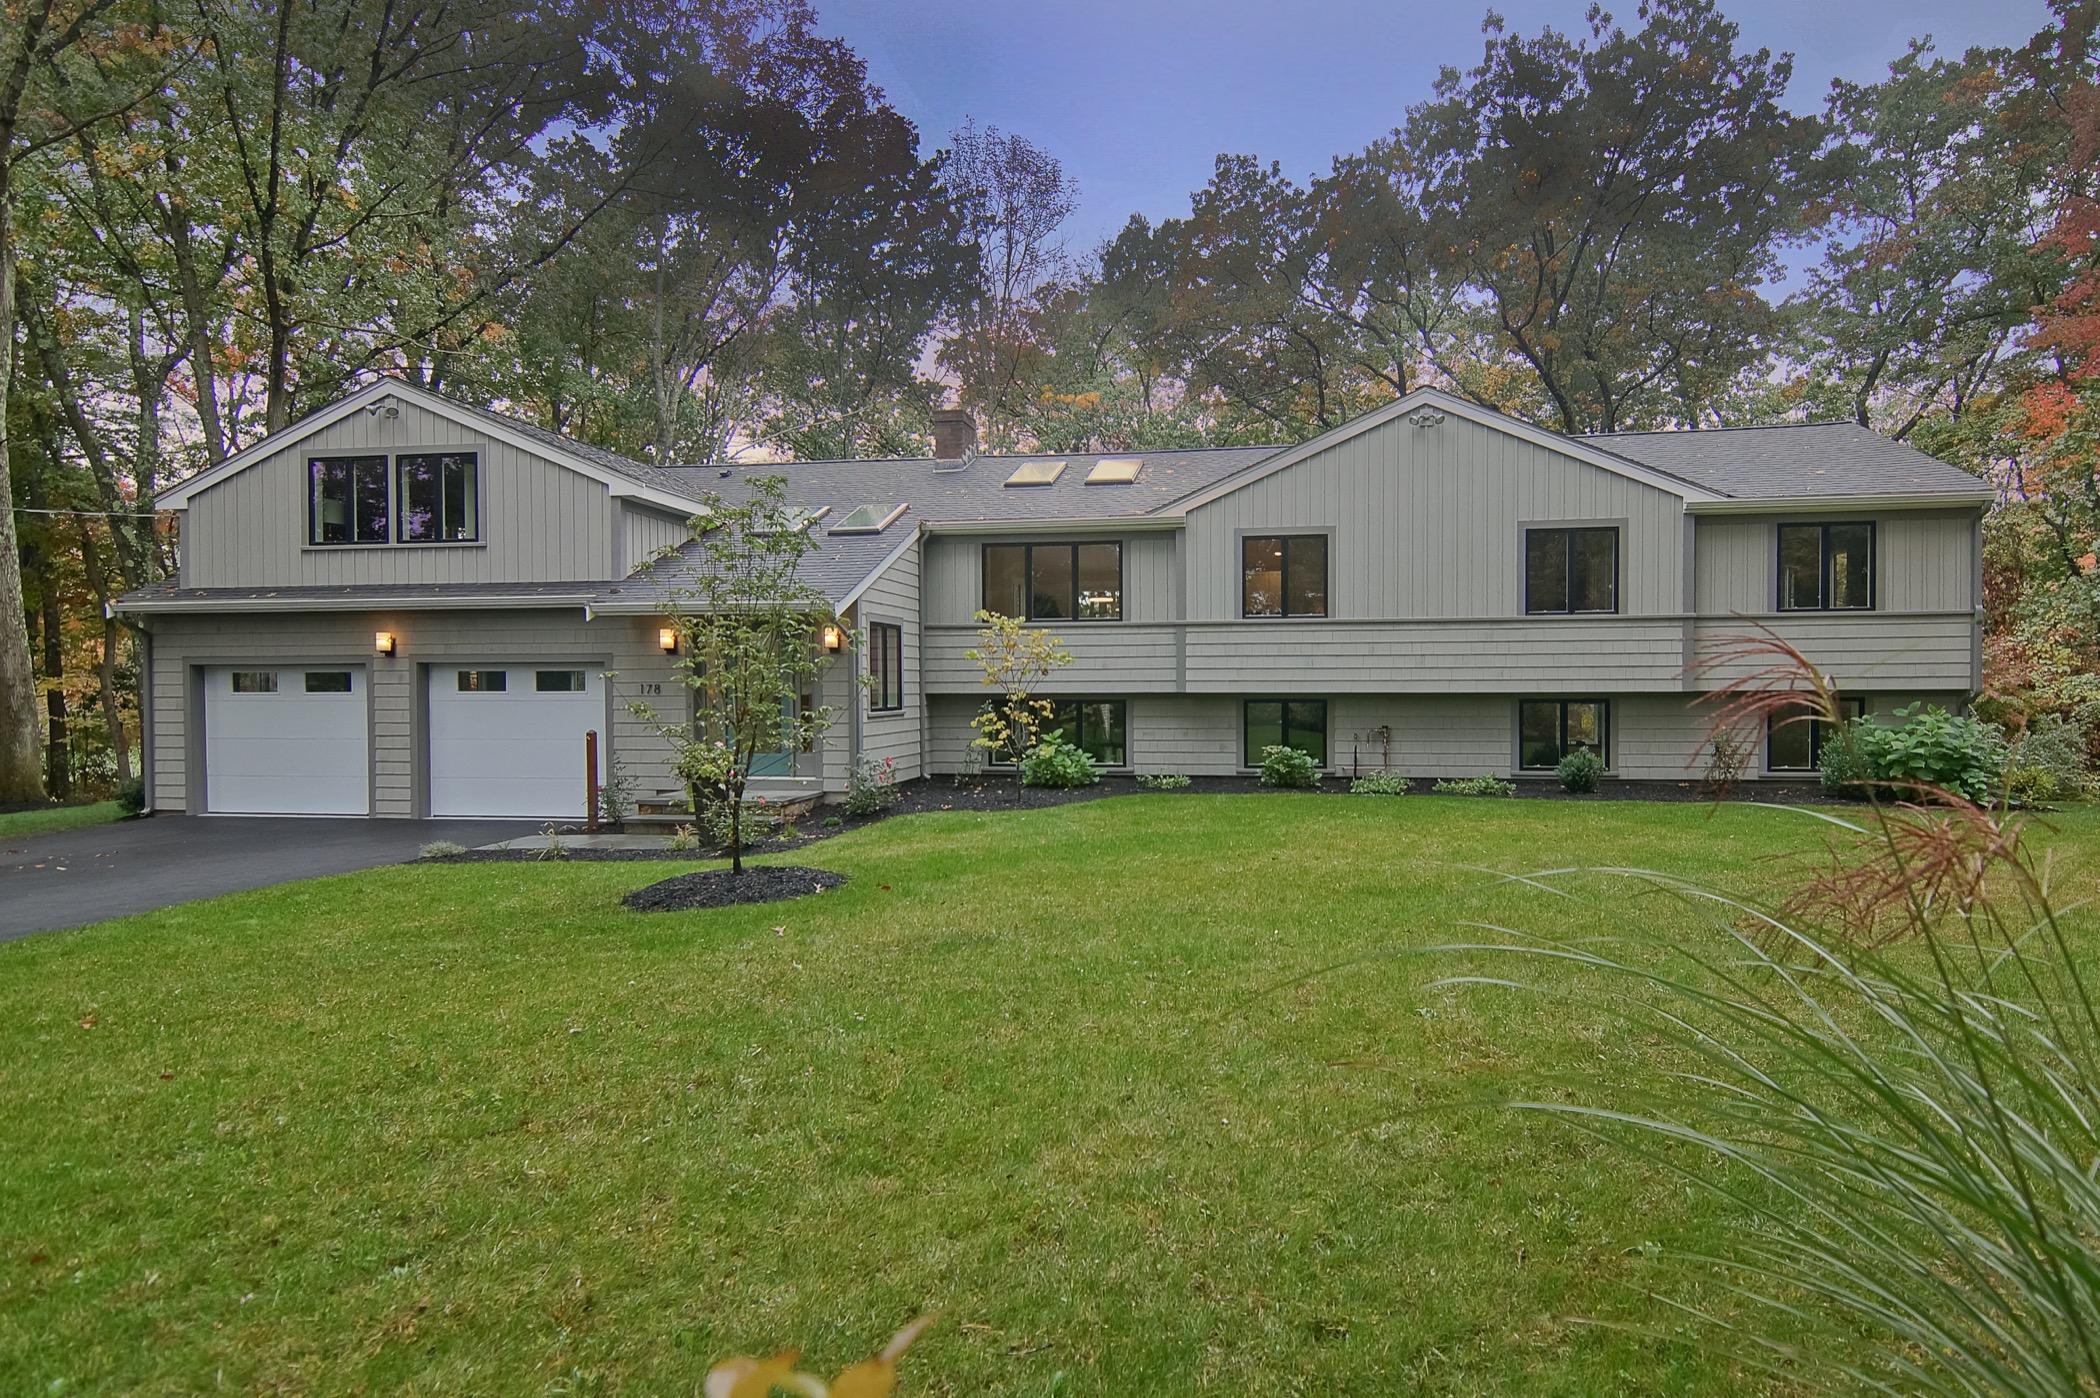 단독 가정 주택 용 매매 에 Sophisticated Mid-Century Modern 178 Springs Road Bedford, 매사추세츠, 01730 미국